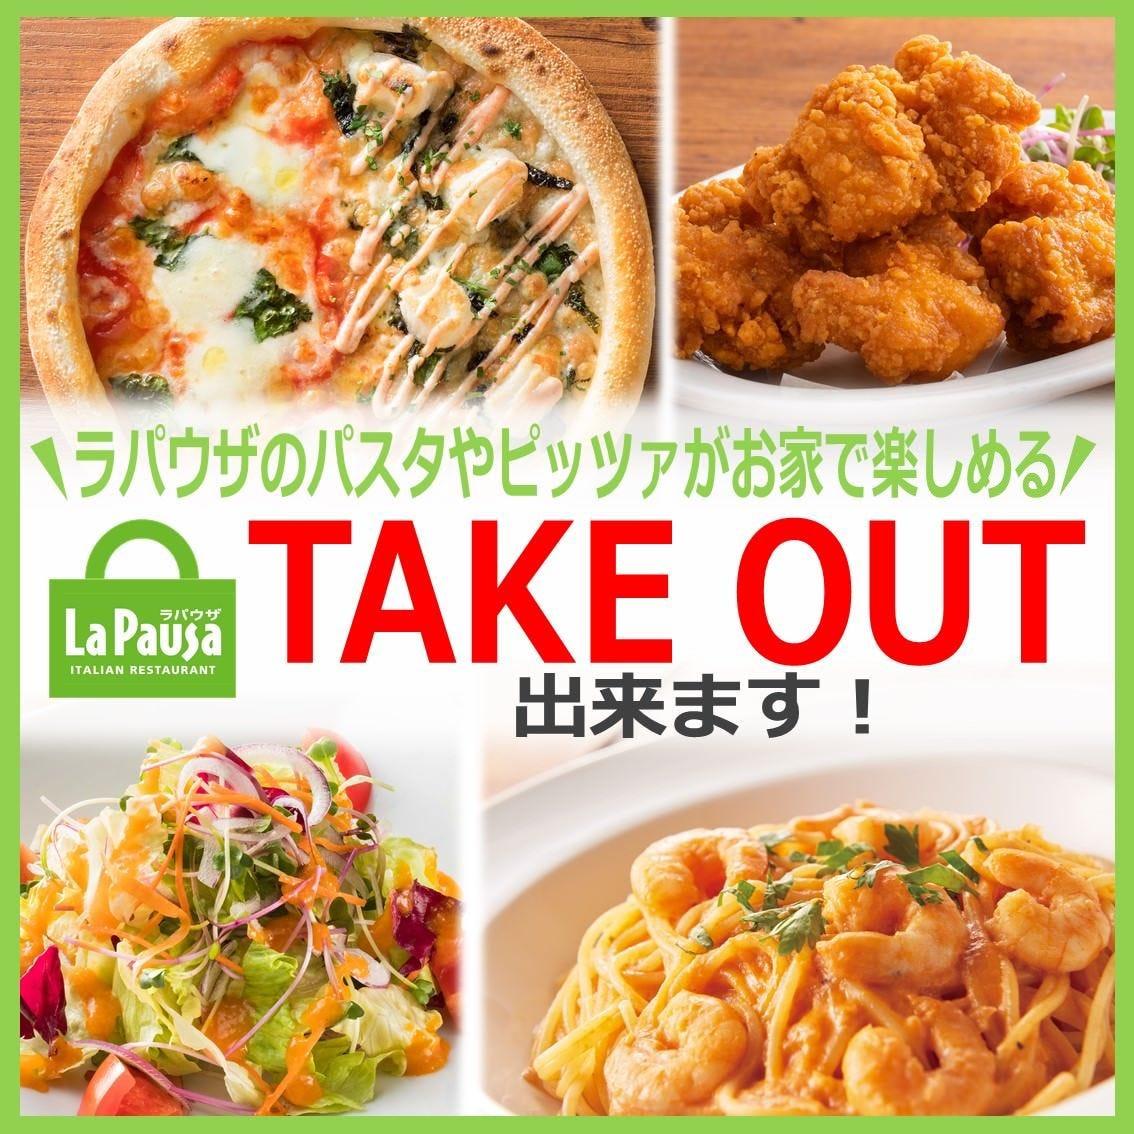 ゆであげパスタ&ピザ ラ・パウザ 大崎店